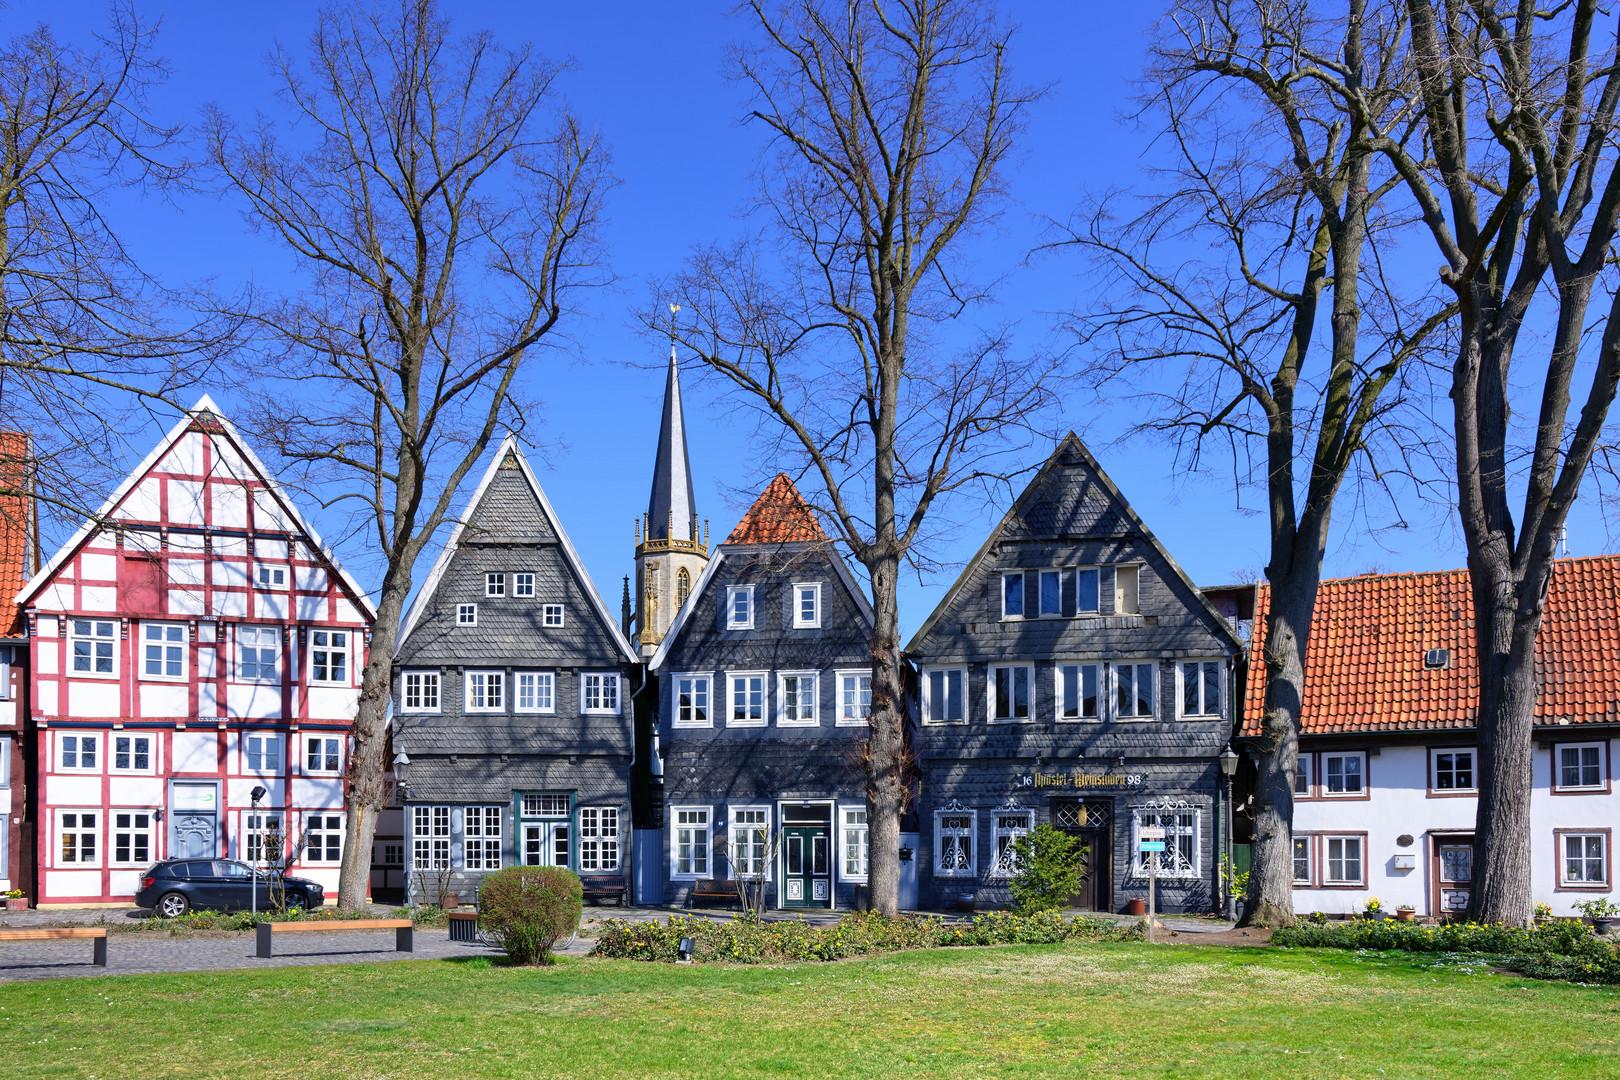 Am Alten Kirchplatz, Gütersloh